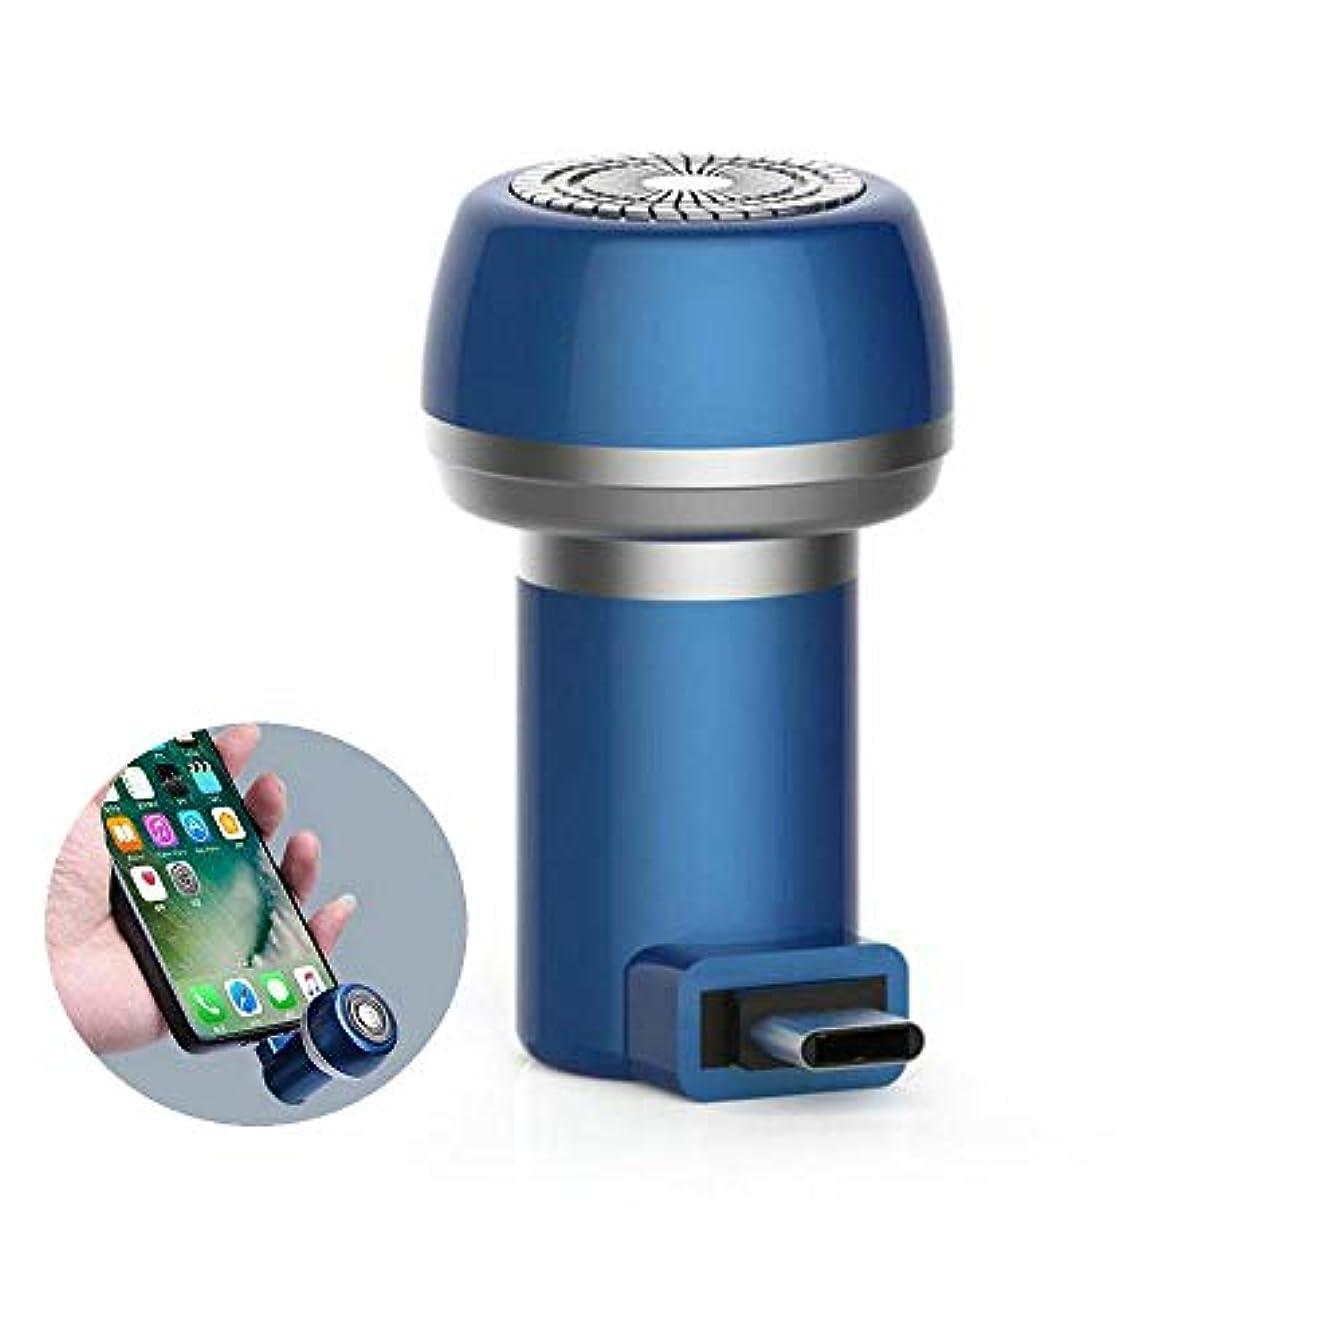 脅かす略す修理可能XAHWL ミニ シェーバー 携帯電話 Micro/Type-c/USB+Micro 脱毛器